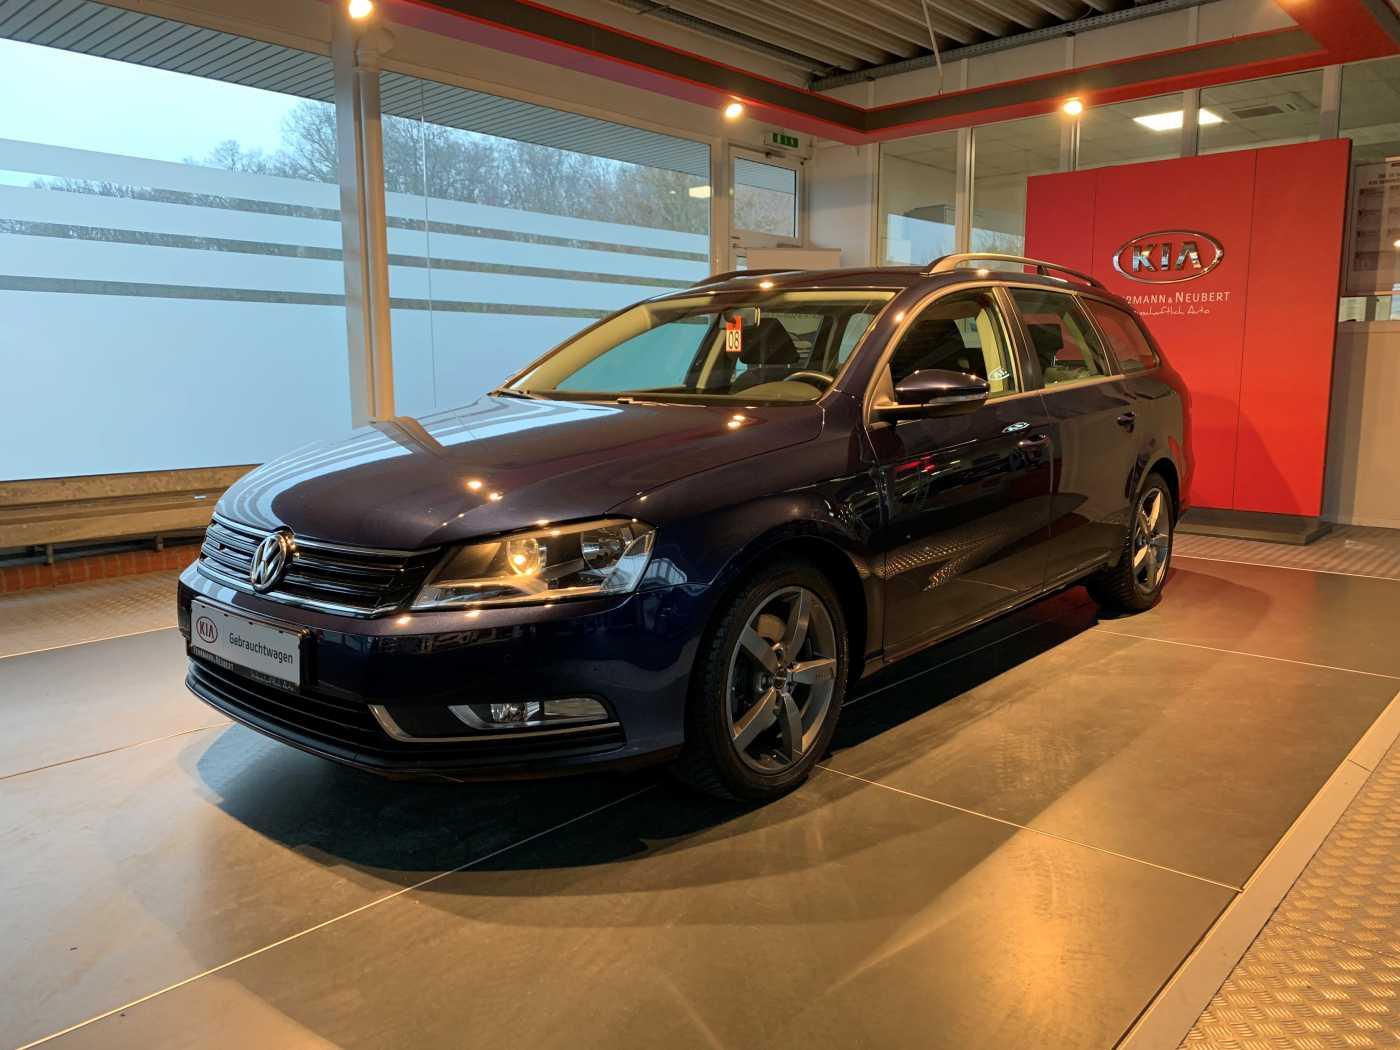 Volkswagen Passat Variant 1.6 TDI BMT Trendline Navi, Jahr 2014, Diesel